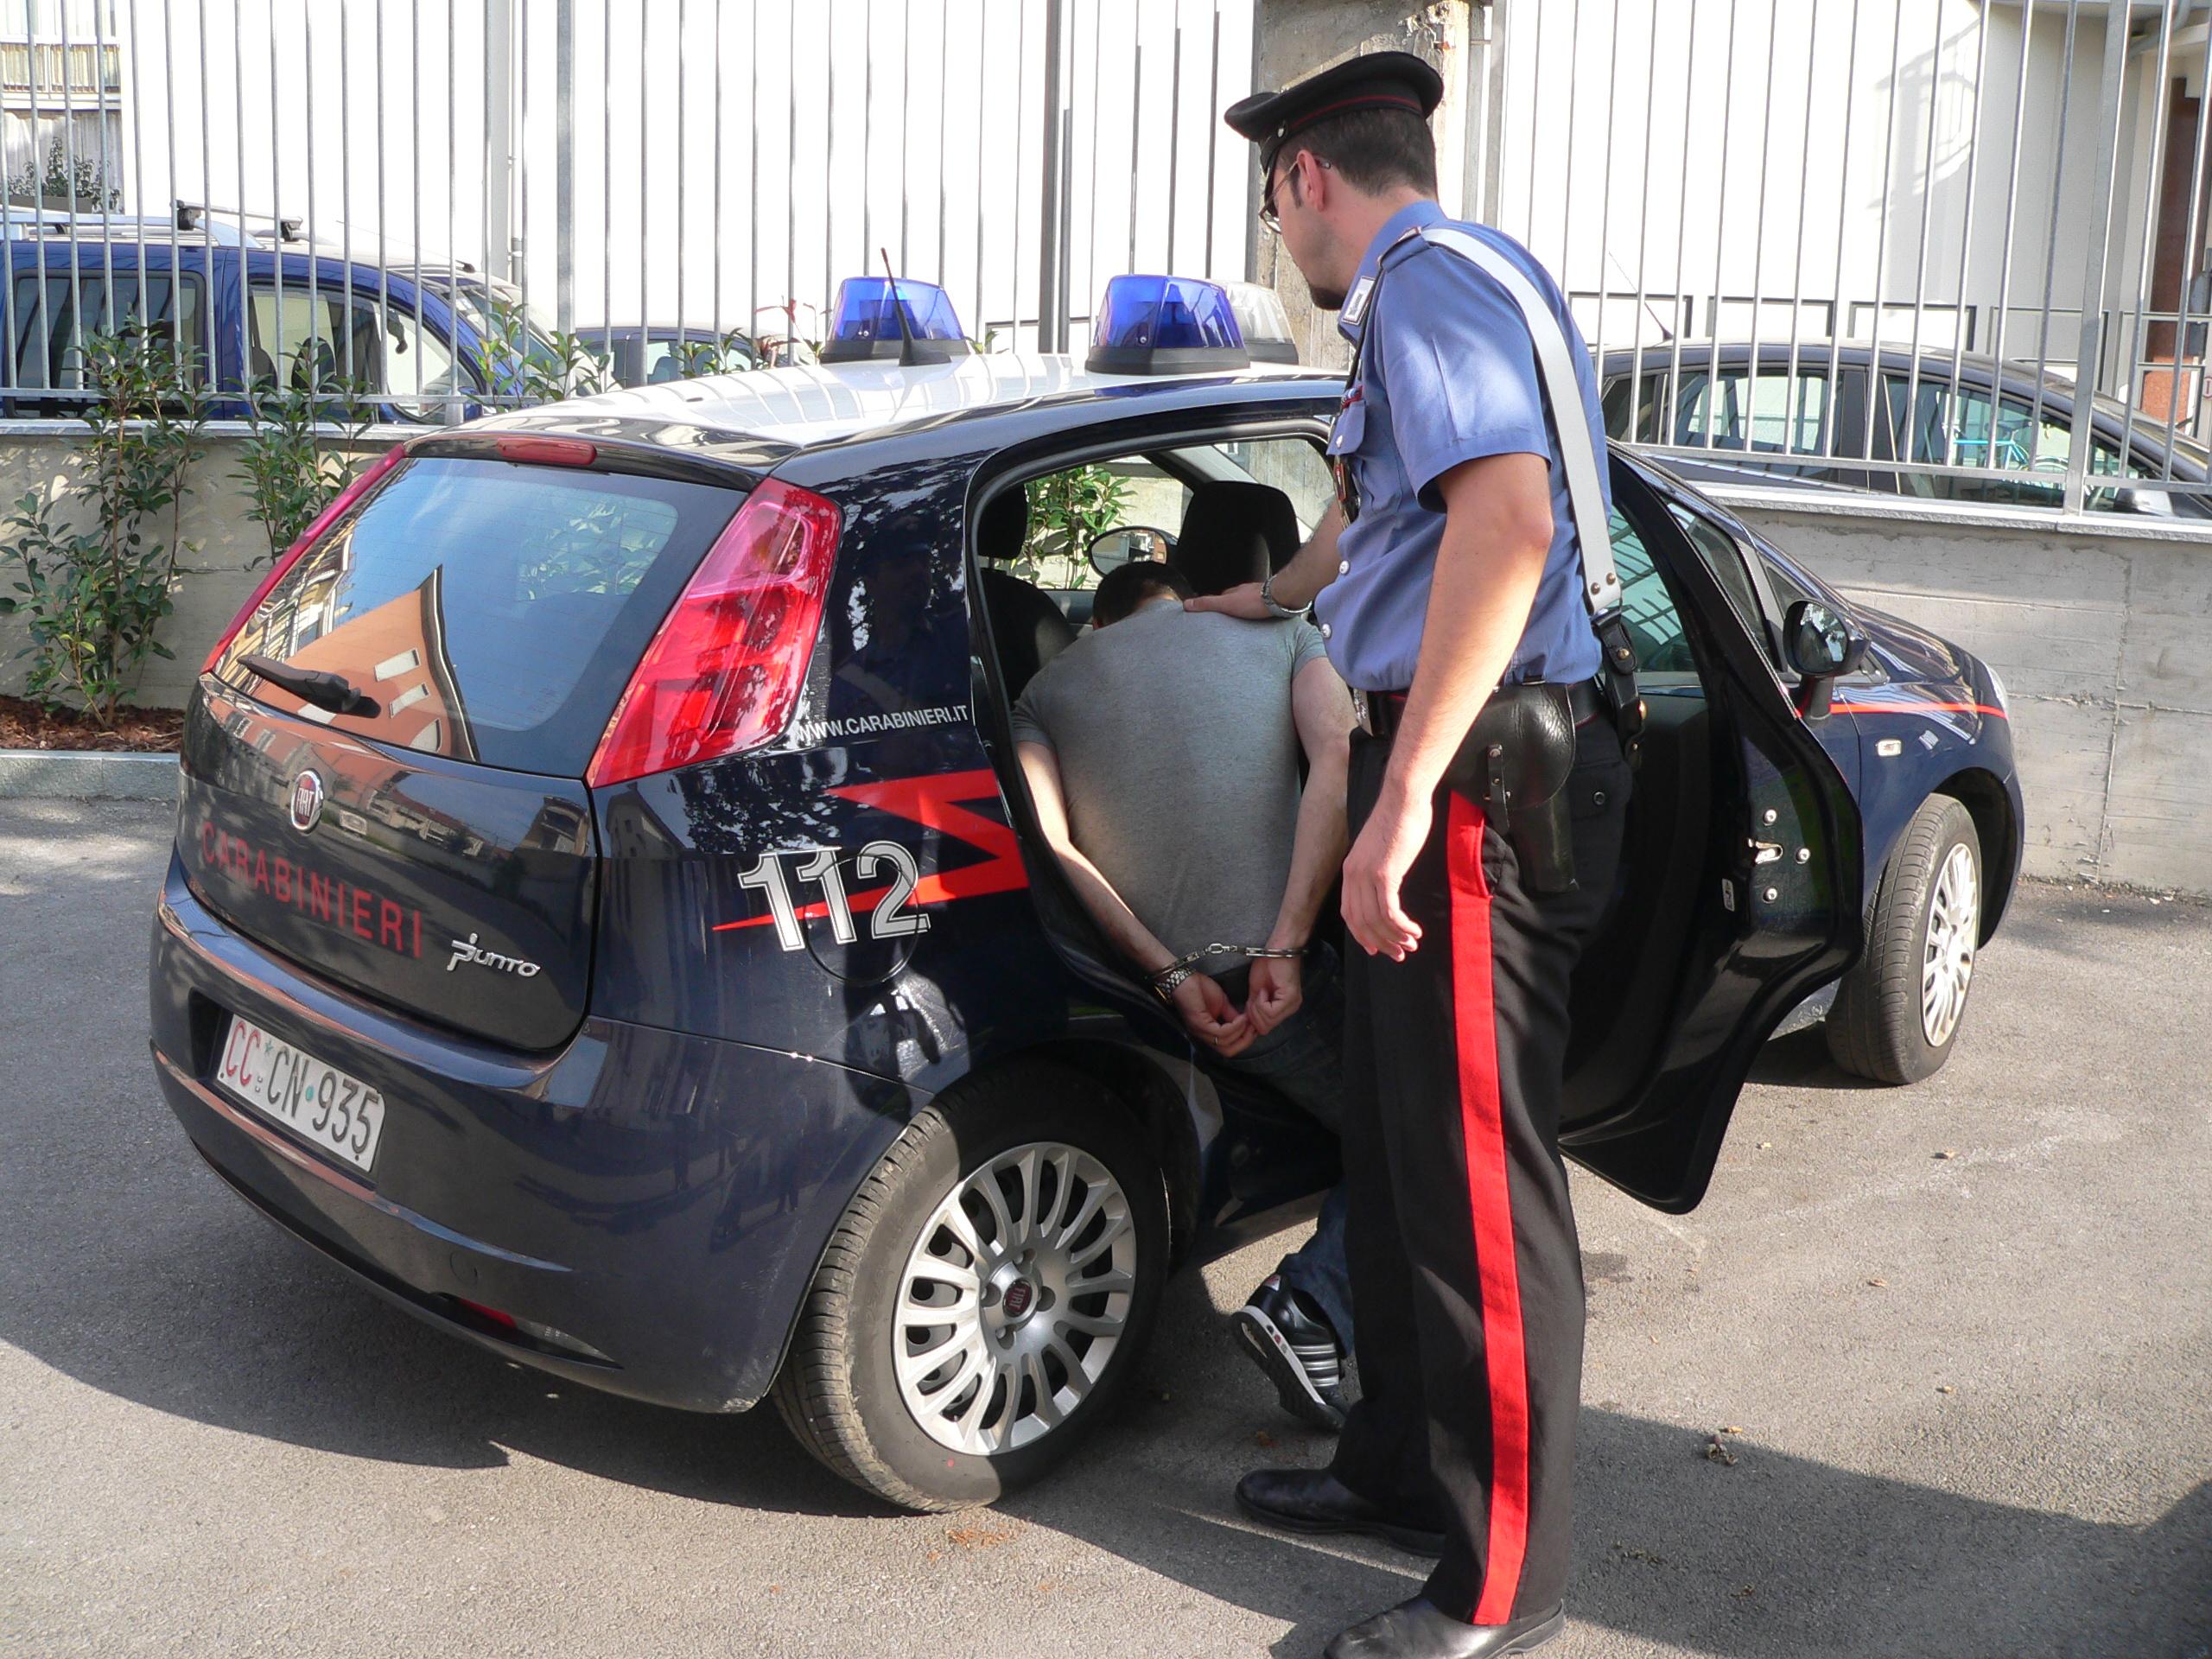 La Guida - Aggredisce i Carabinieri, arrestato e condannato